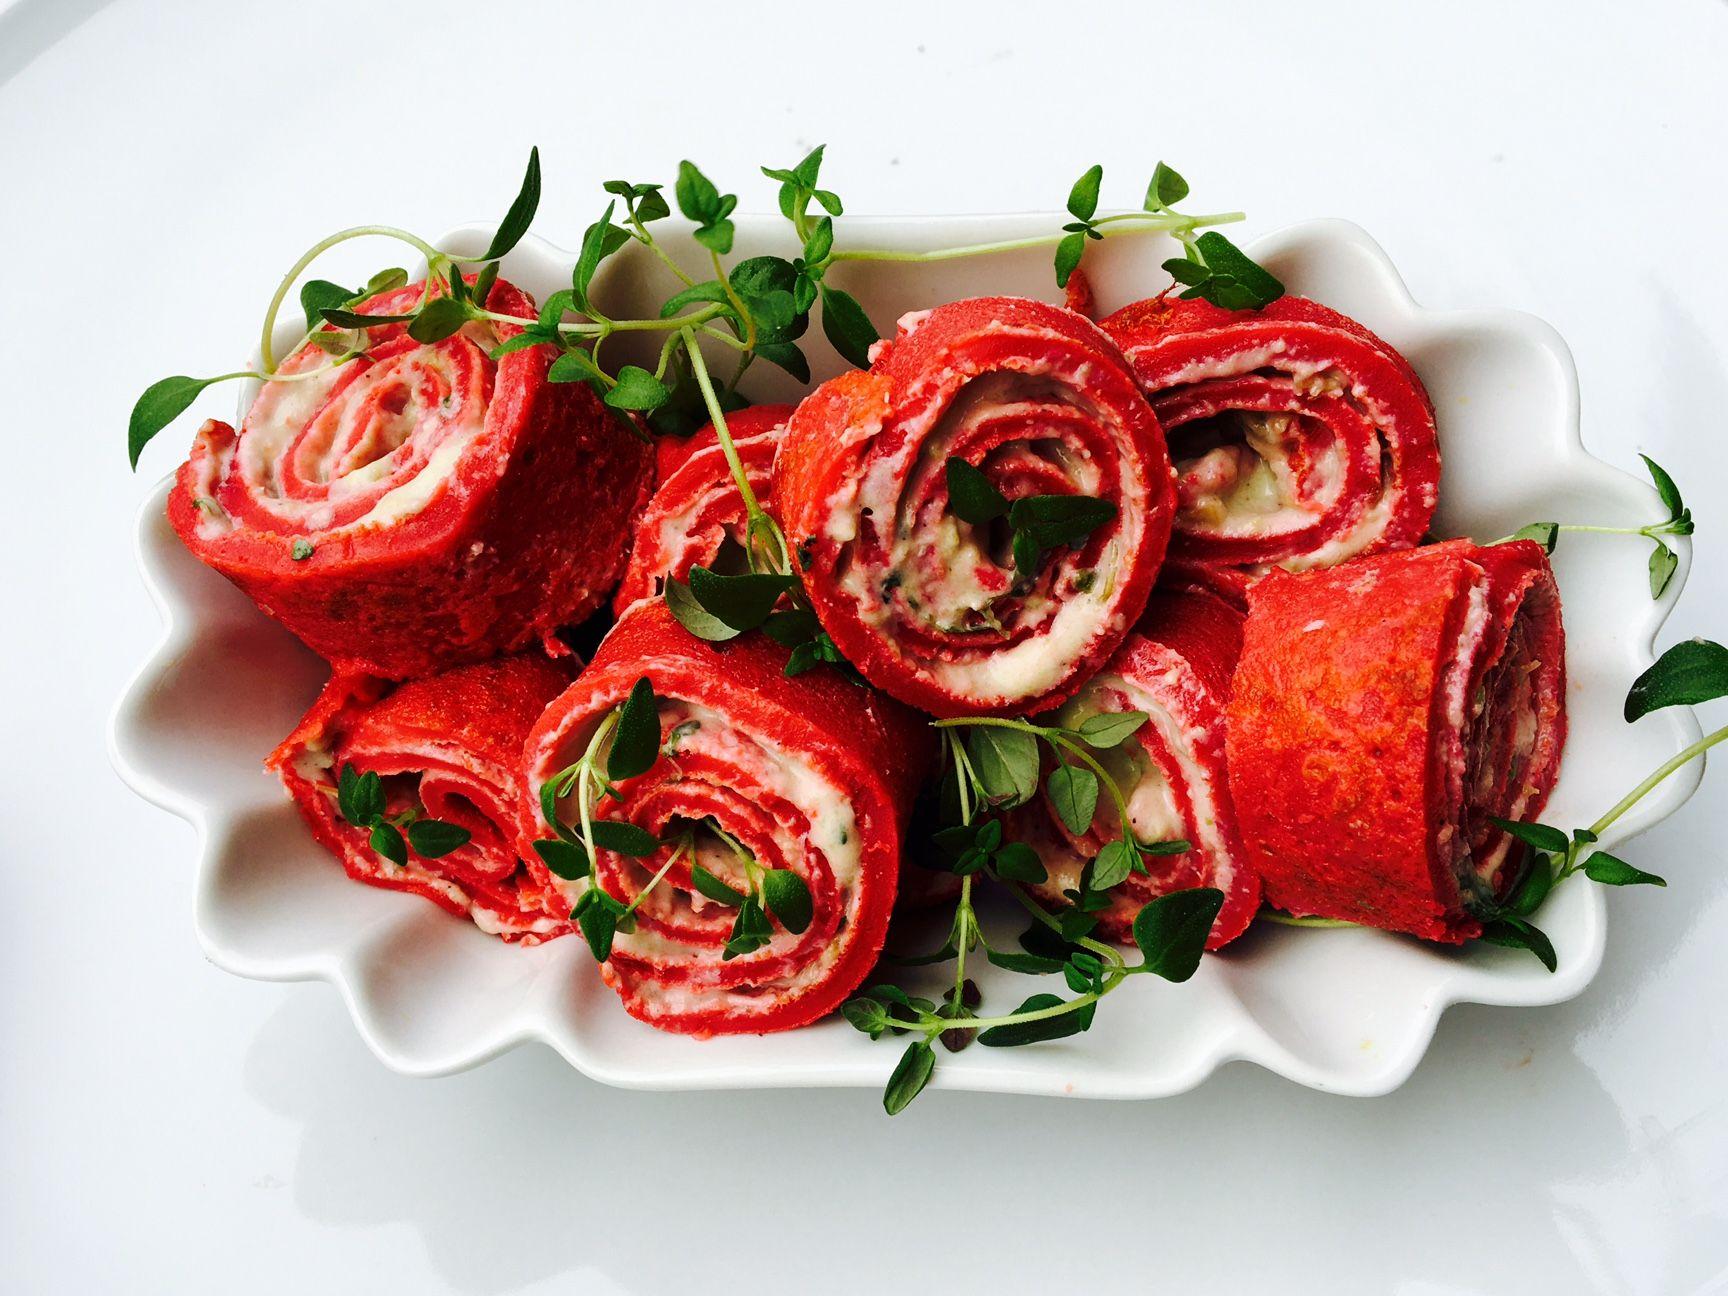 Lovecakes U2013 Rote Beete Pfannkuchen Zum Valentinstag #Backen #Kochen  #Lovecakes #Snacks #